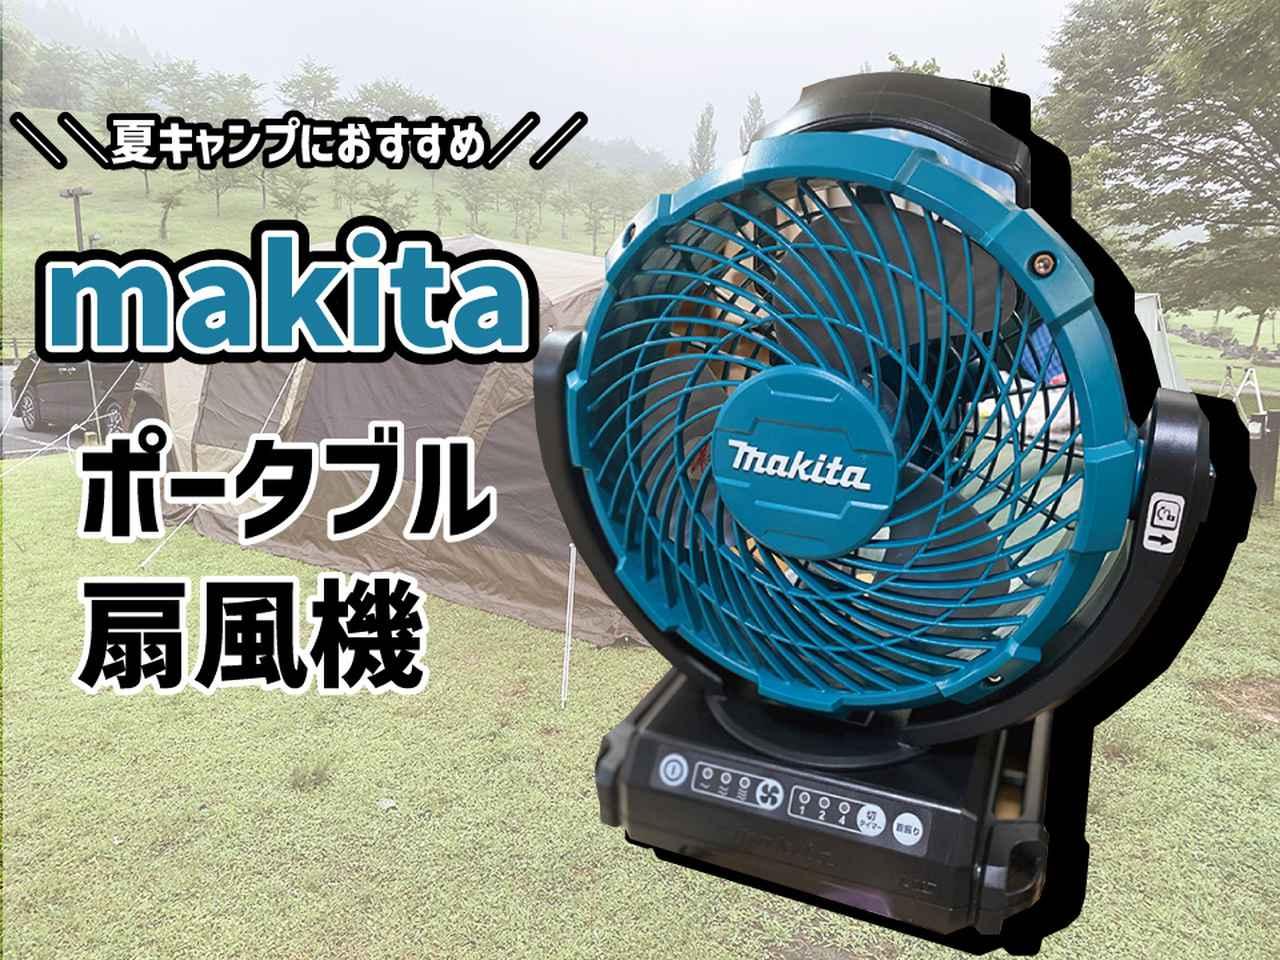 【大注目!夏キャンプ快適ギア】バッテリ充電式「マキタ製品」を徹底紹介!扇風機からポータブル冷蔵庫まで